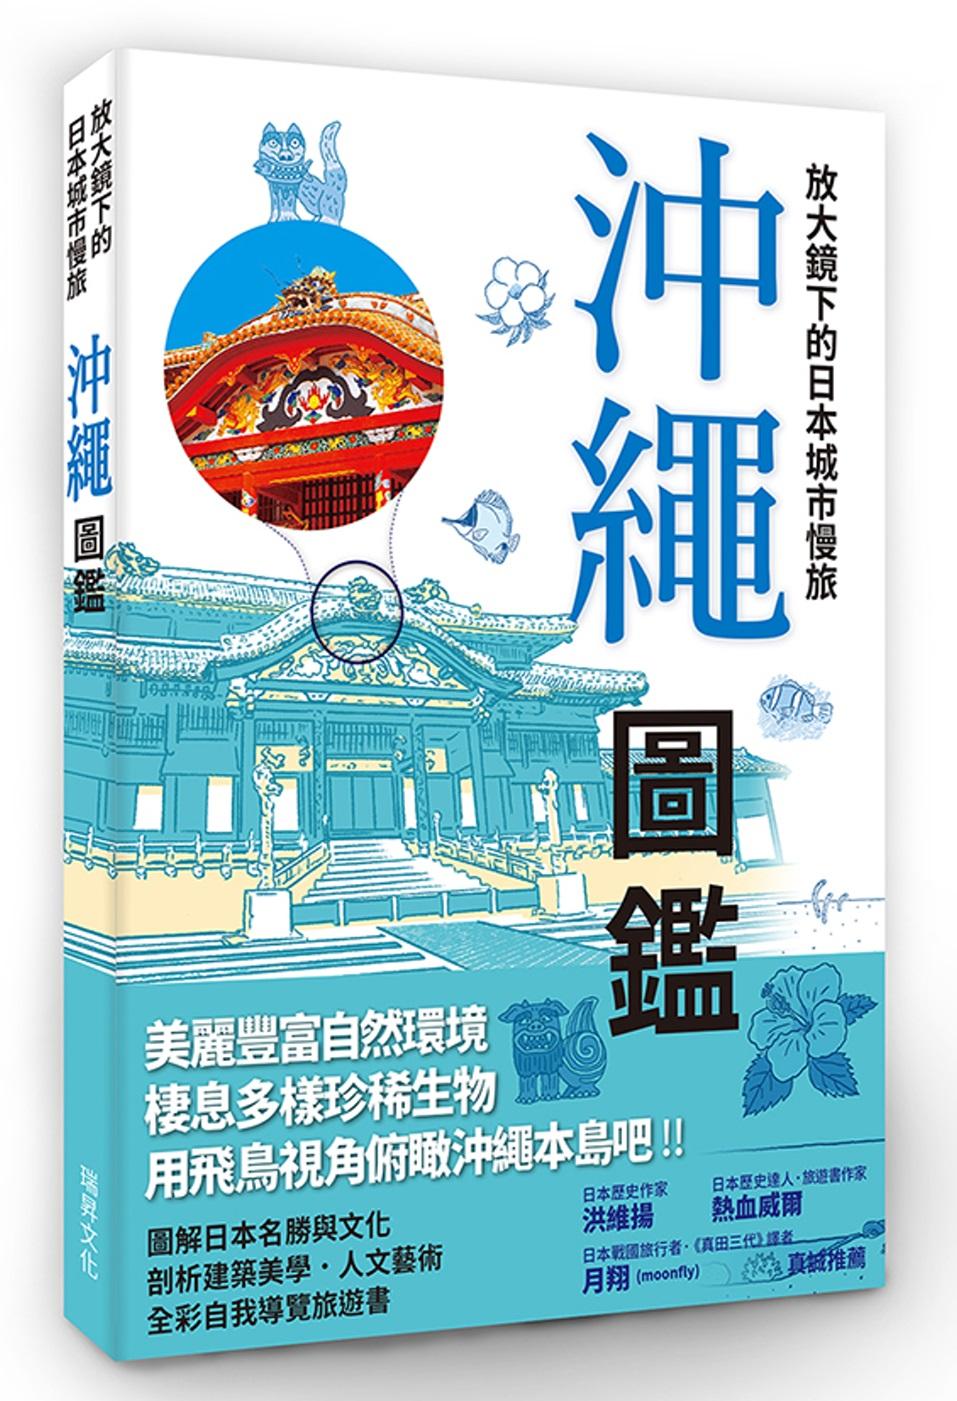 放大鏡下的日本城市慢旅 沖繩圖鑑:當自己的最佳導遊!日本JTB出版社深度質感旅遊書系列,好評上市